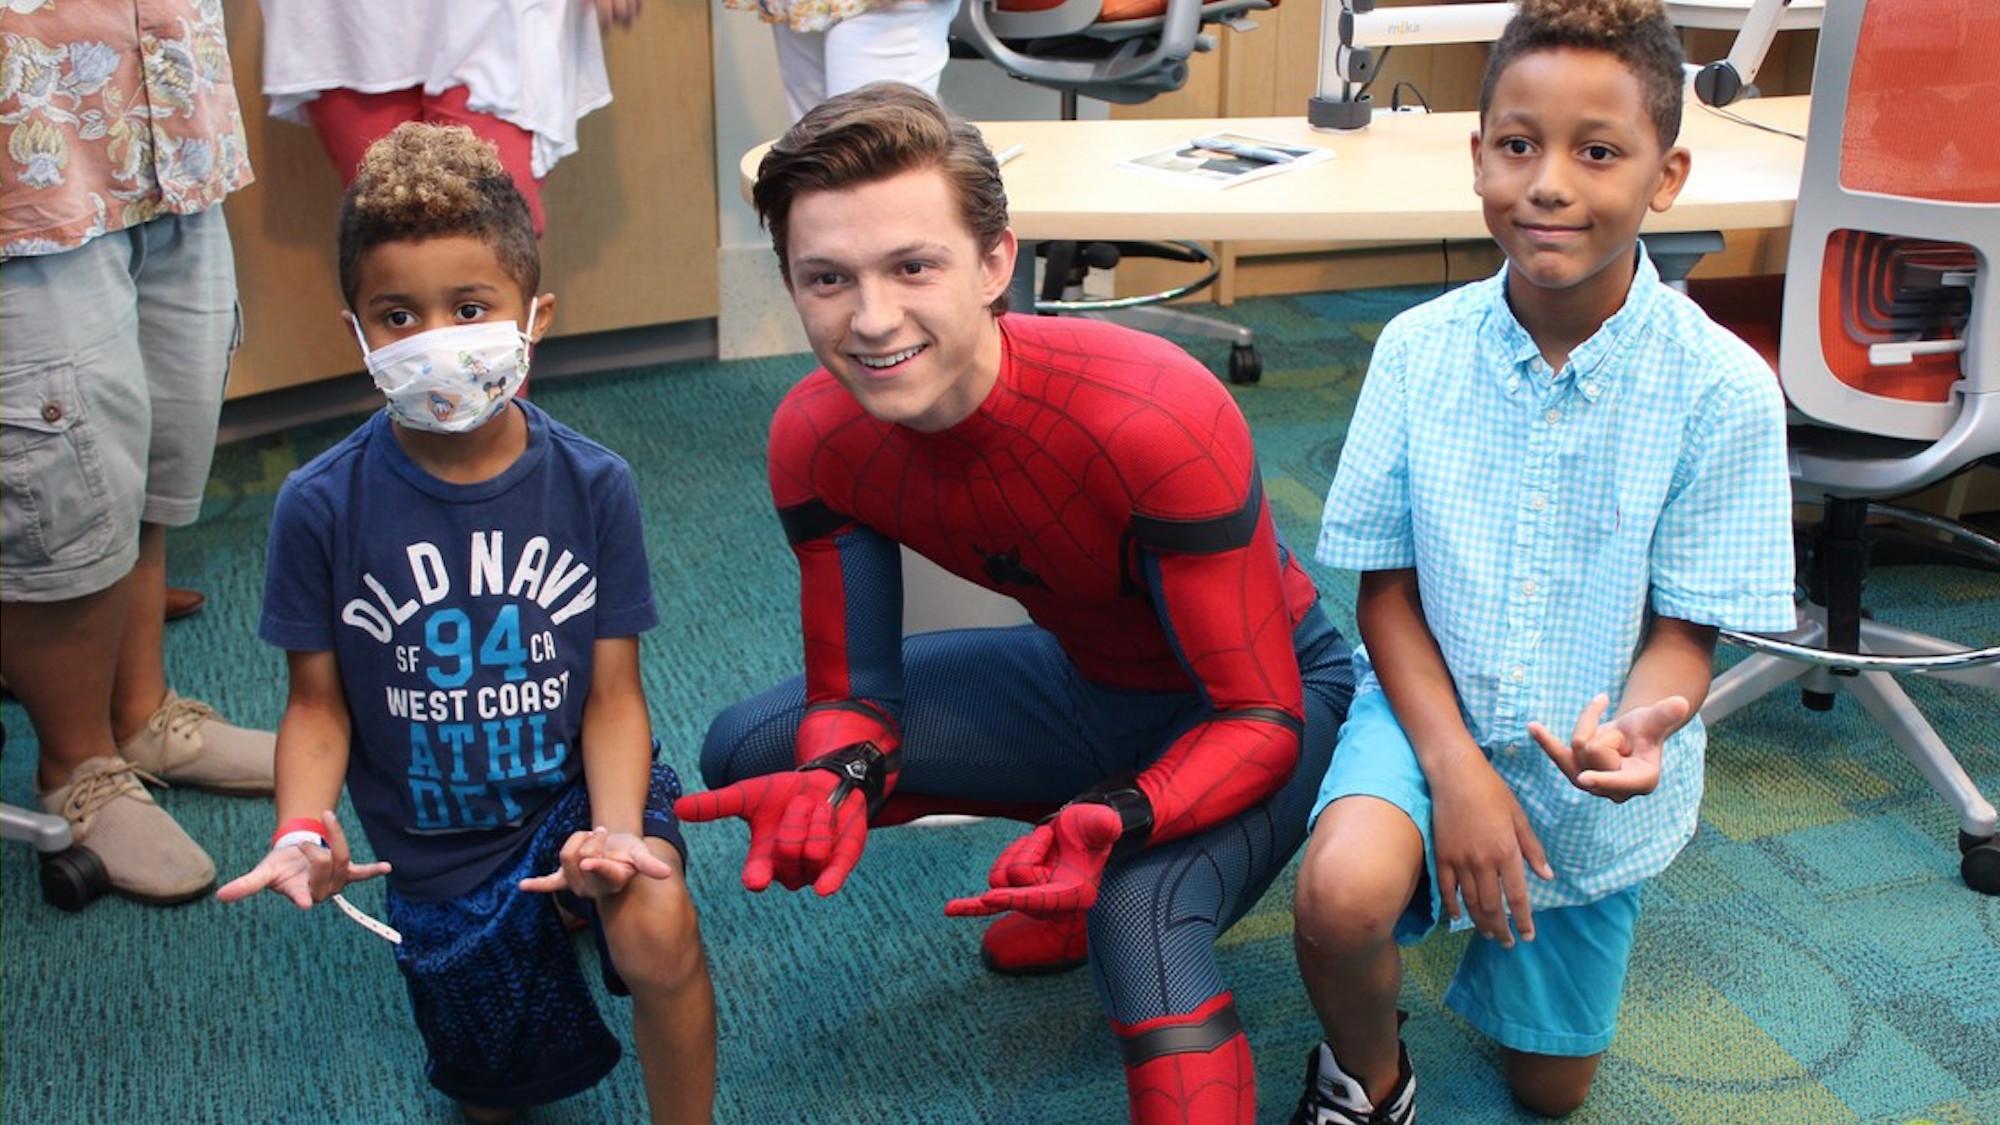 Watch tom holland visits sick children dressed as spider man watch tom holland visits sick children dressed as spider man anglophenia bbc america m4hsunfo